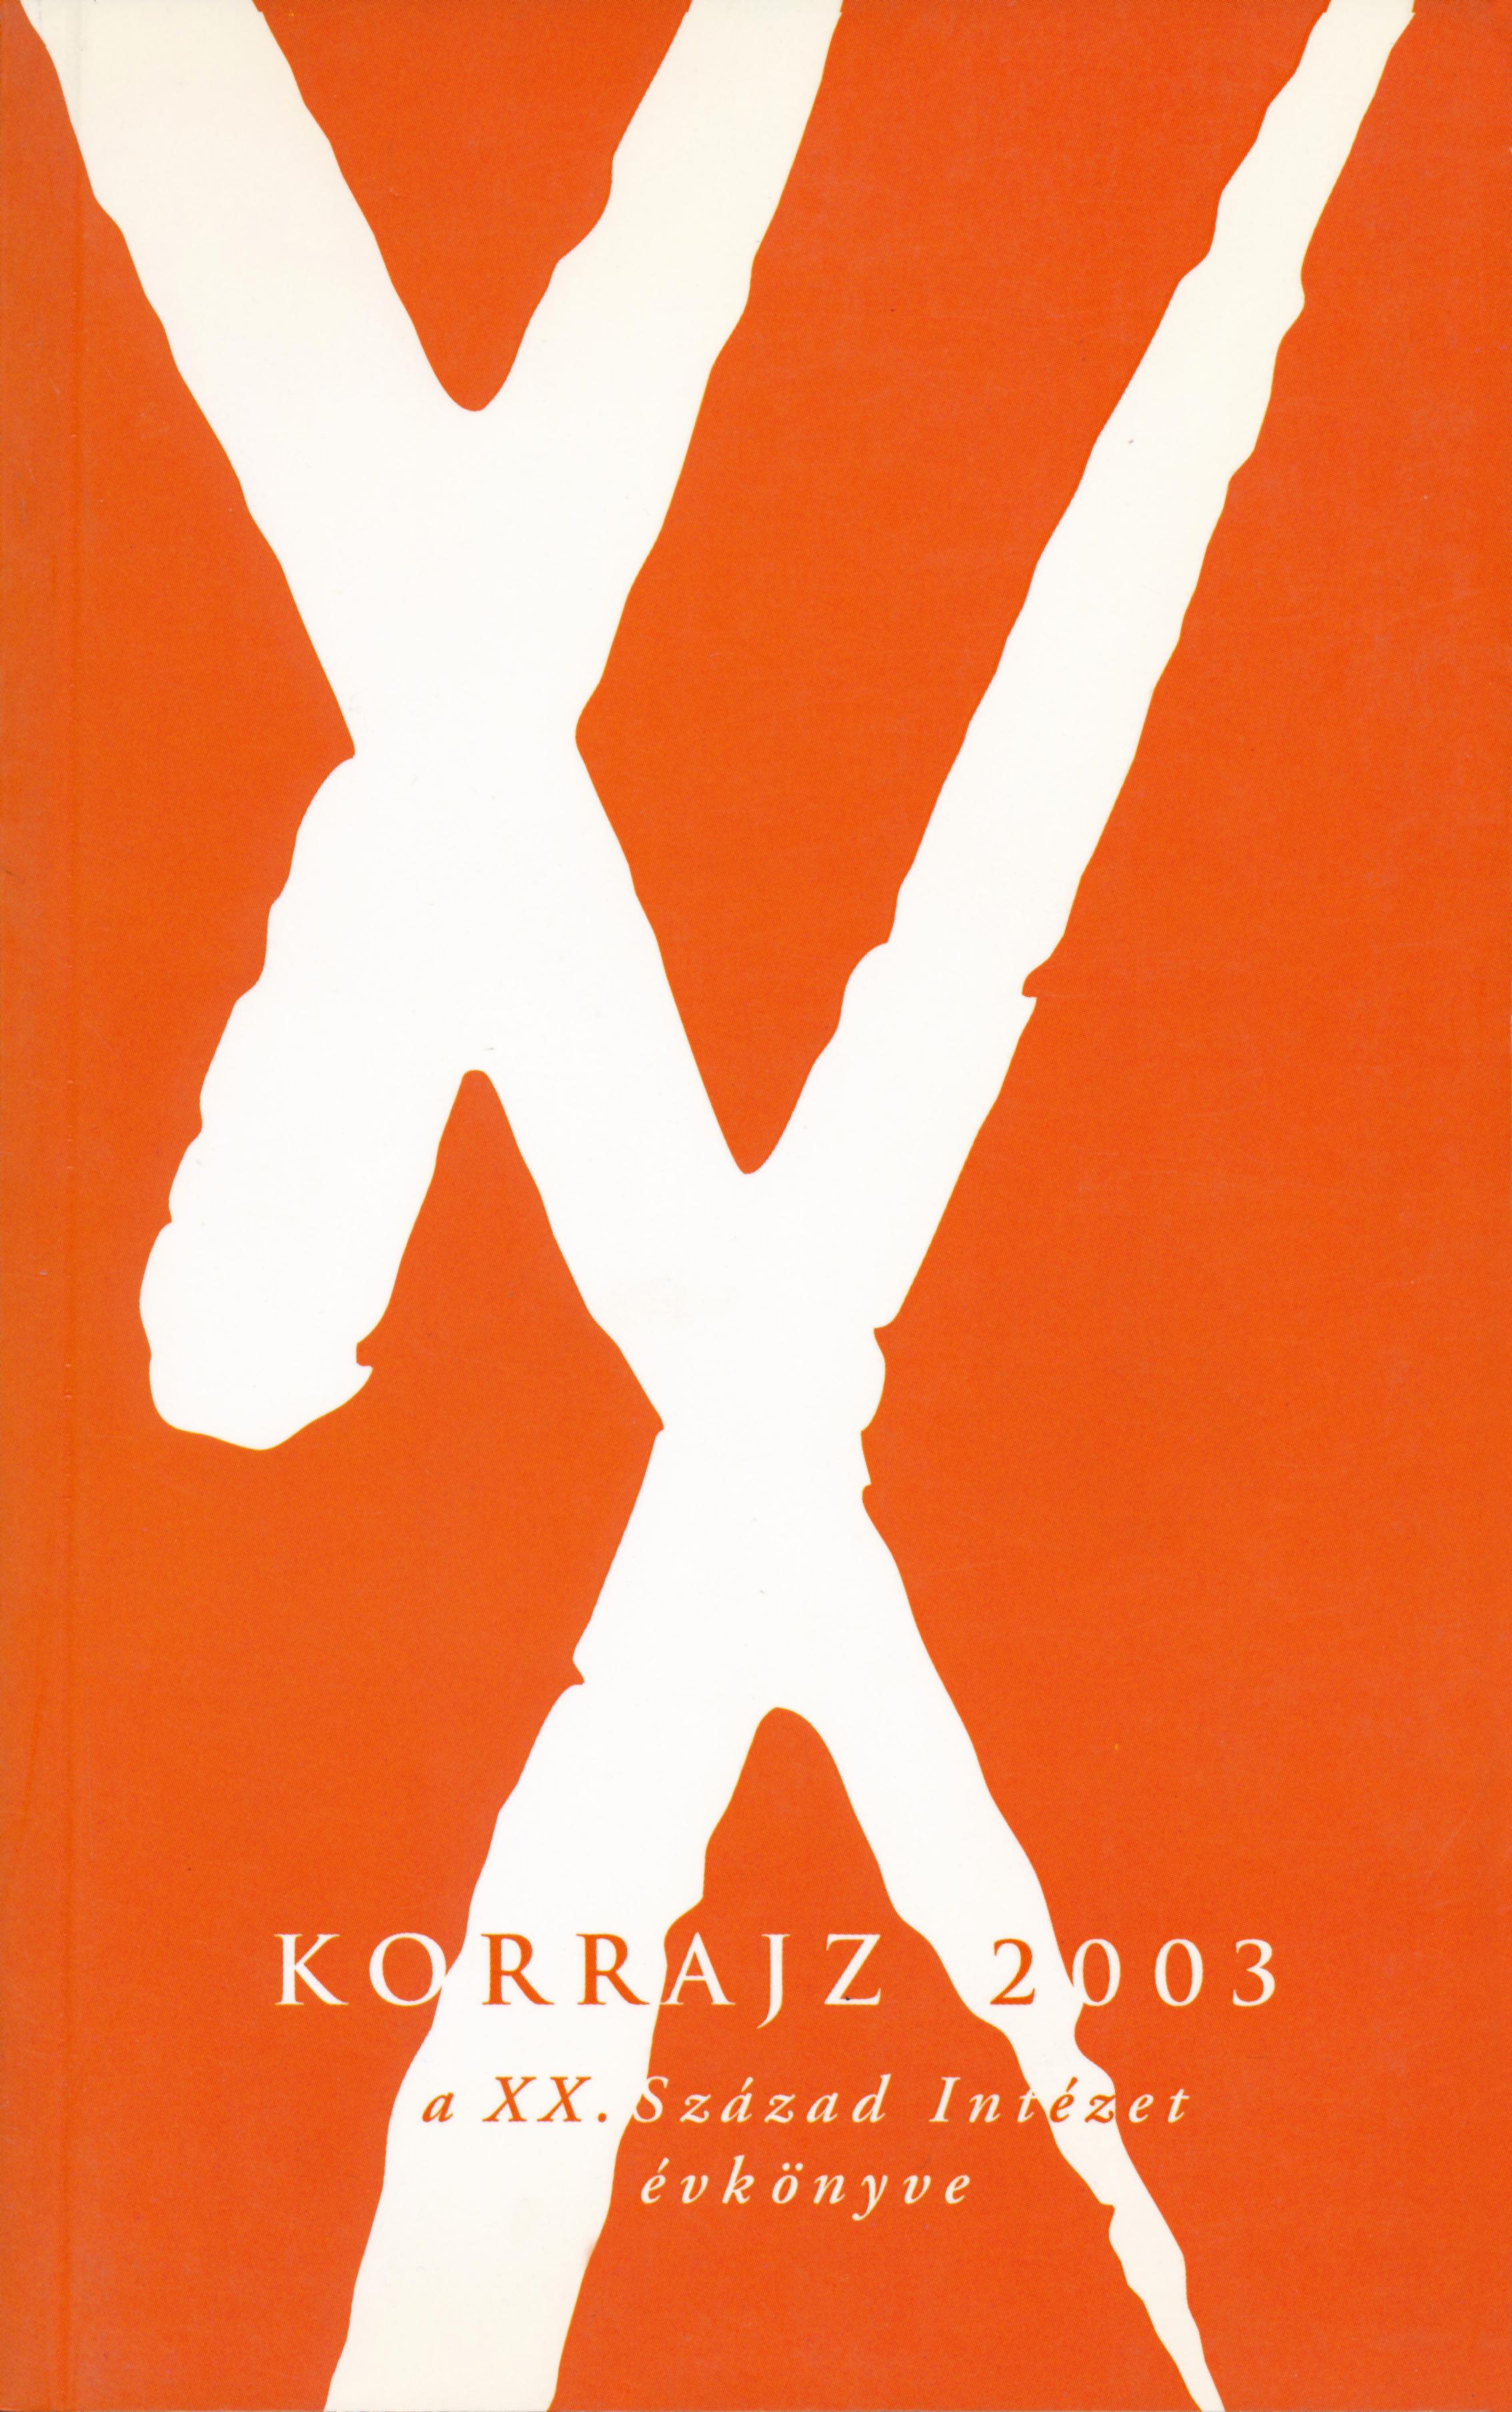 Korrajz 2003 – A XX. Század Intézetének évkönyve